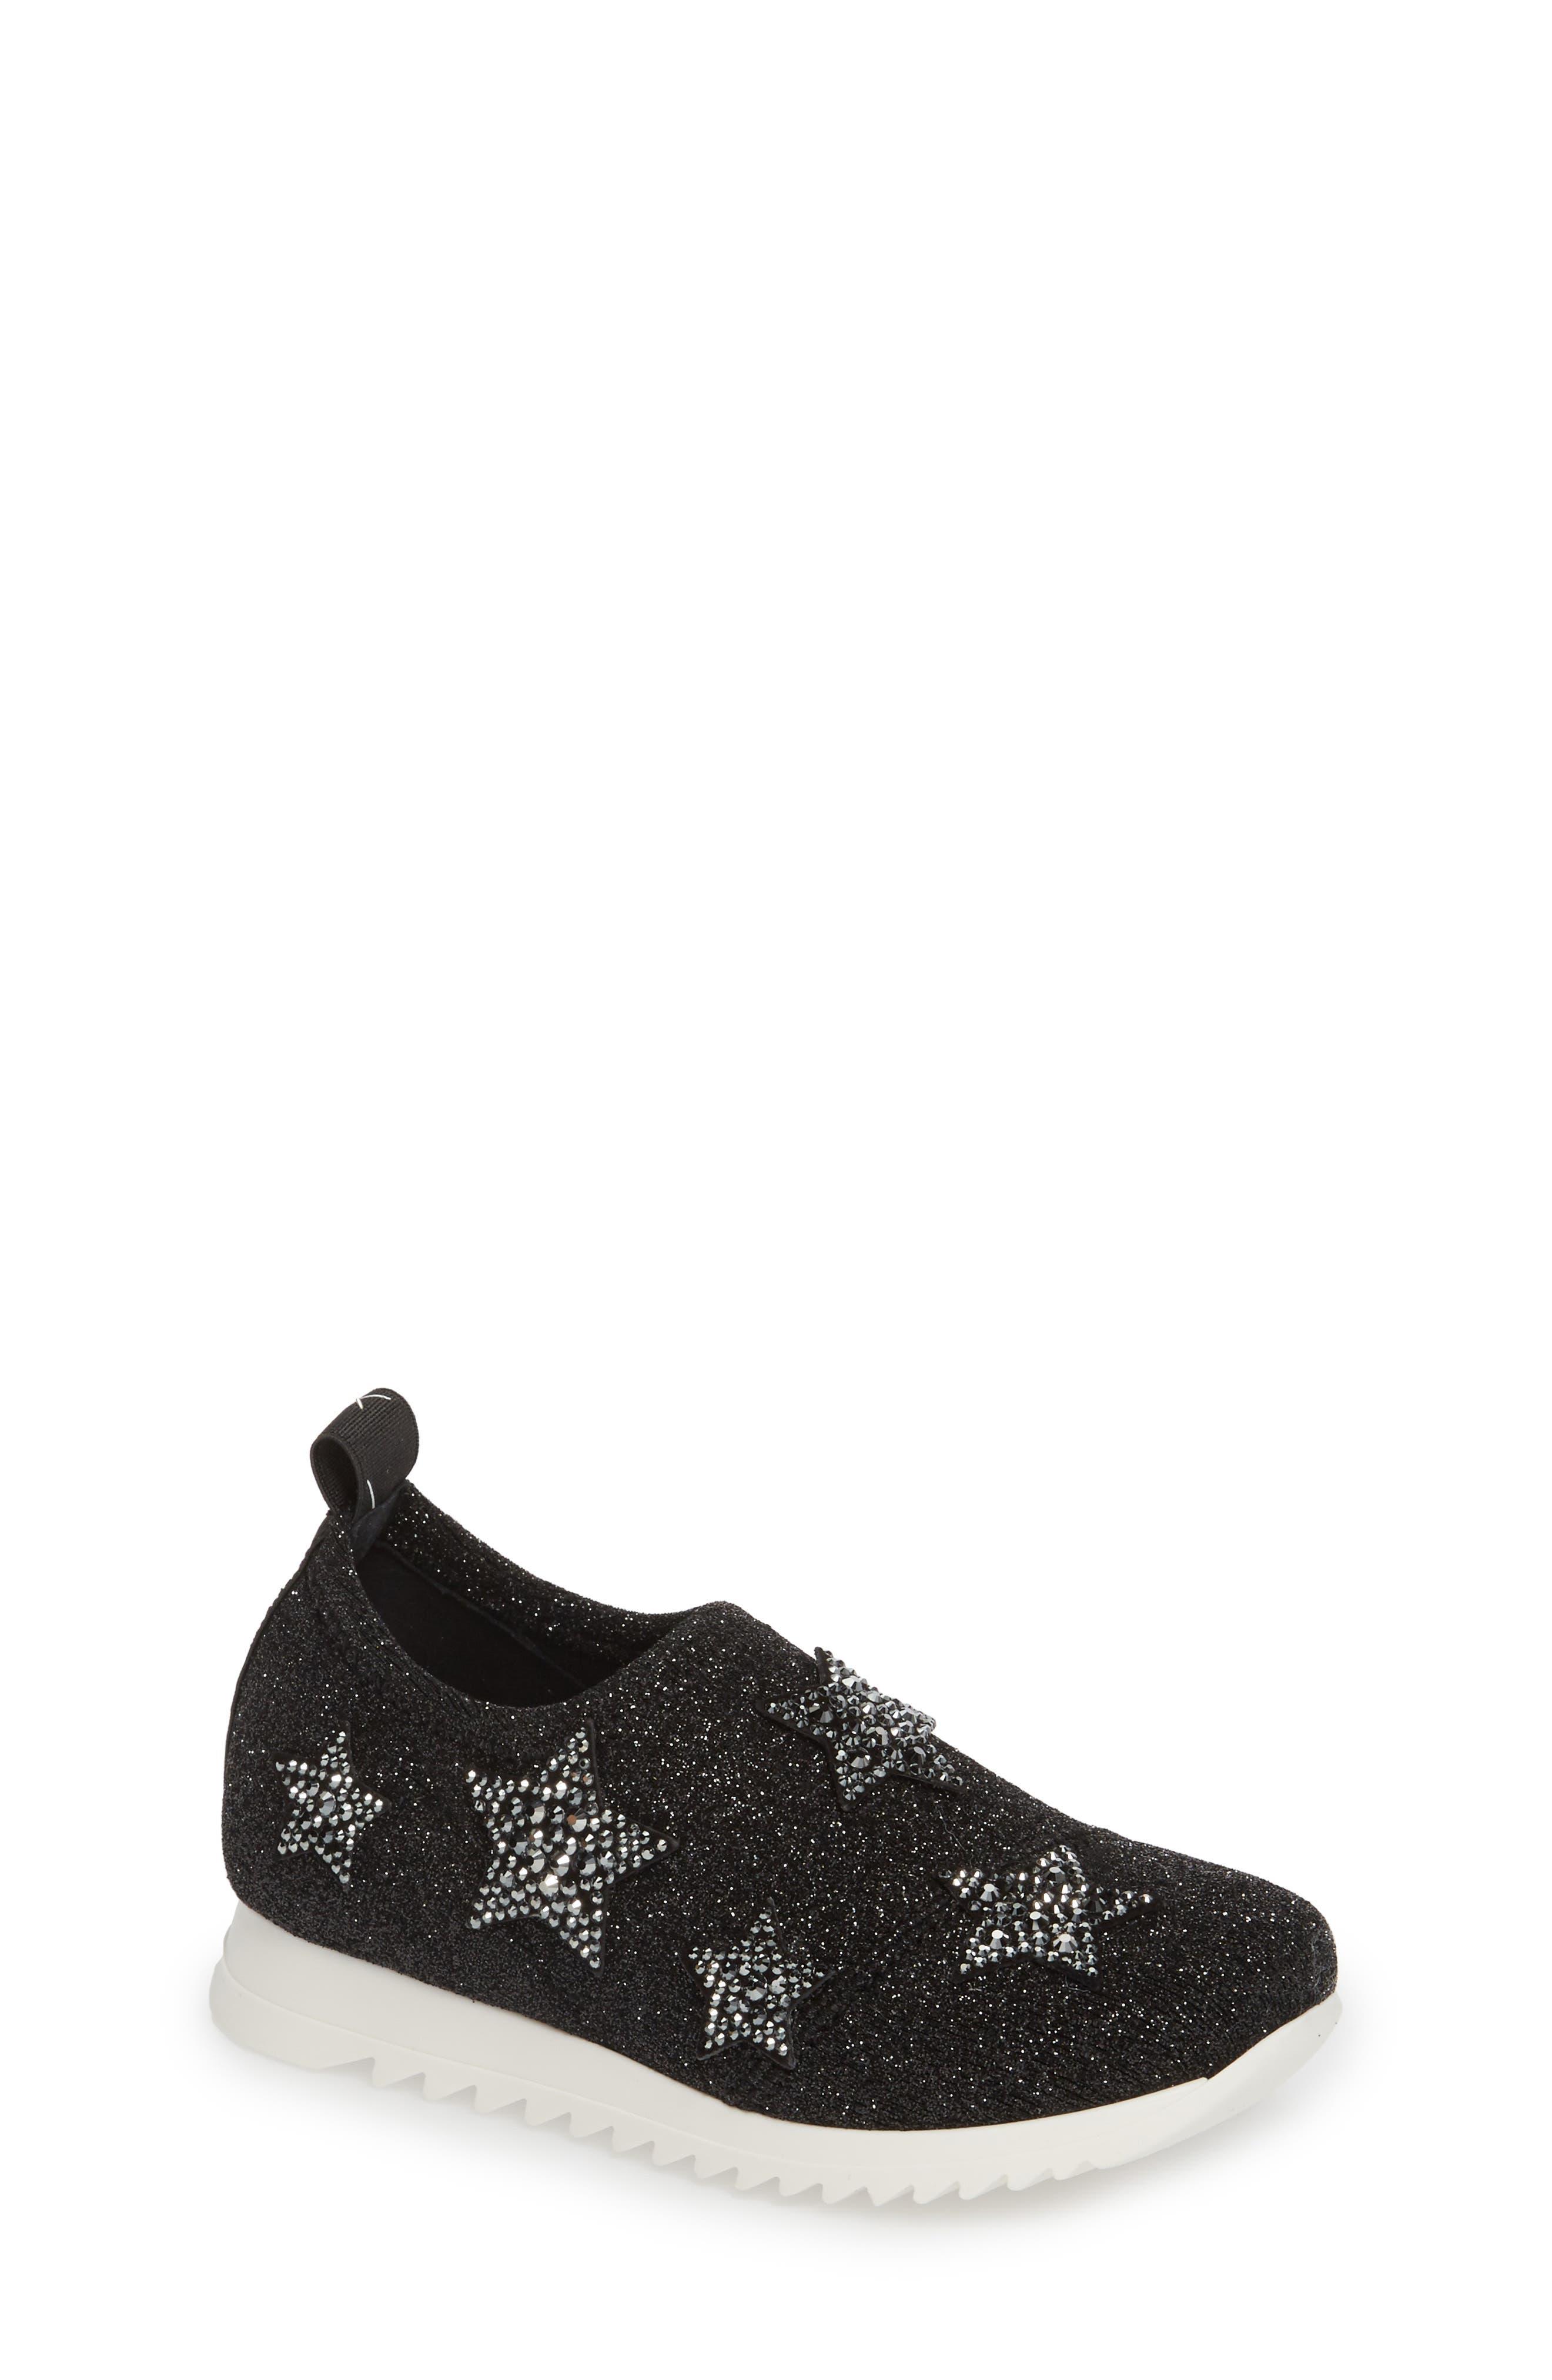 Natalie Star Glitter Slip-On Sneaker,                             Main thumbnail 1, color,                             Black